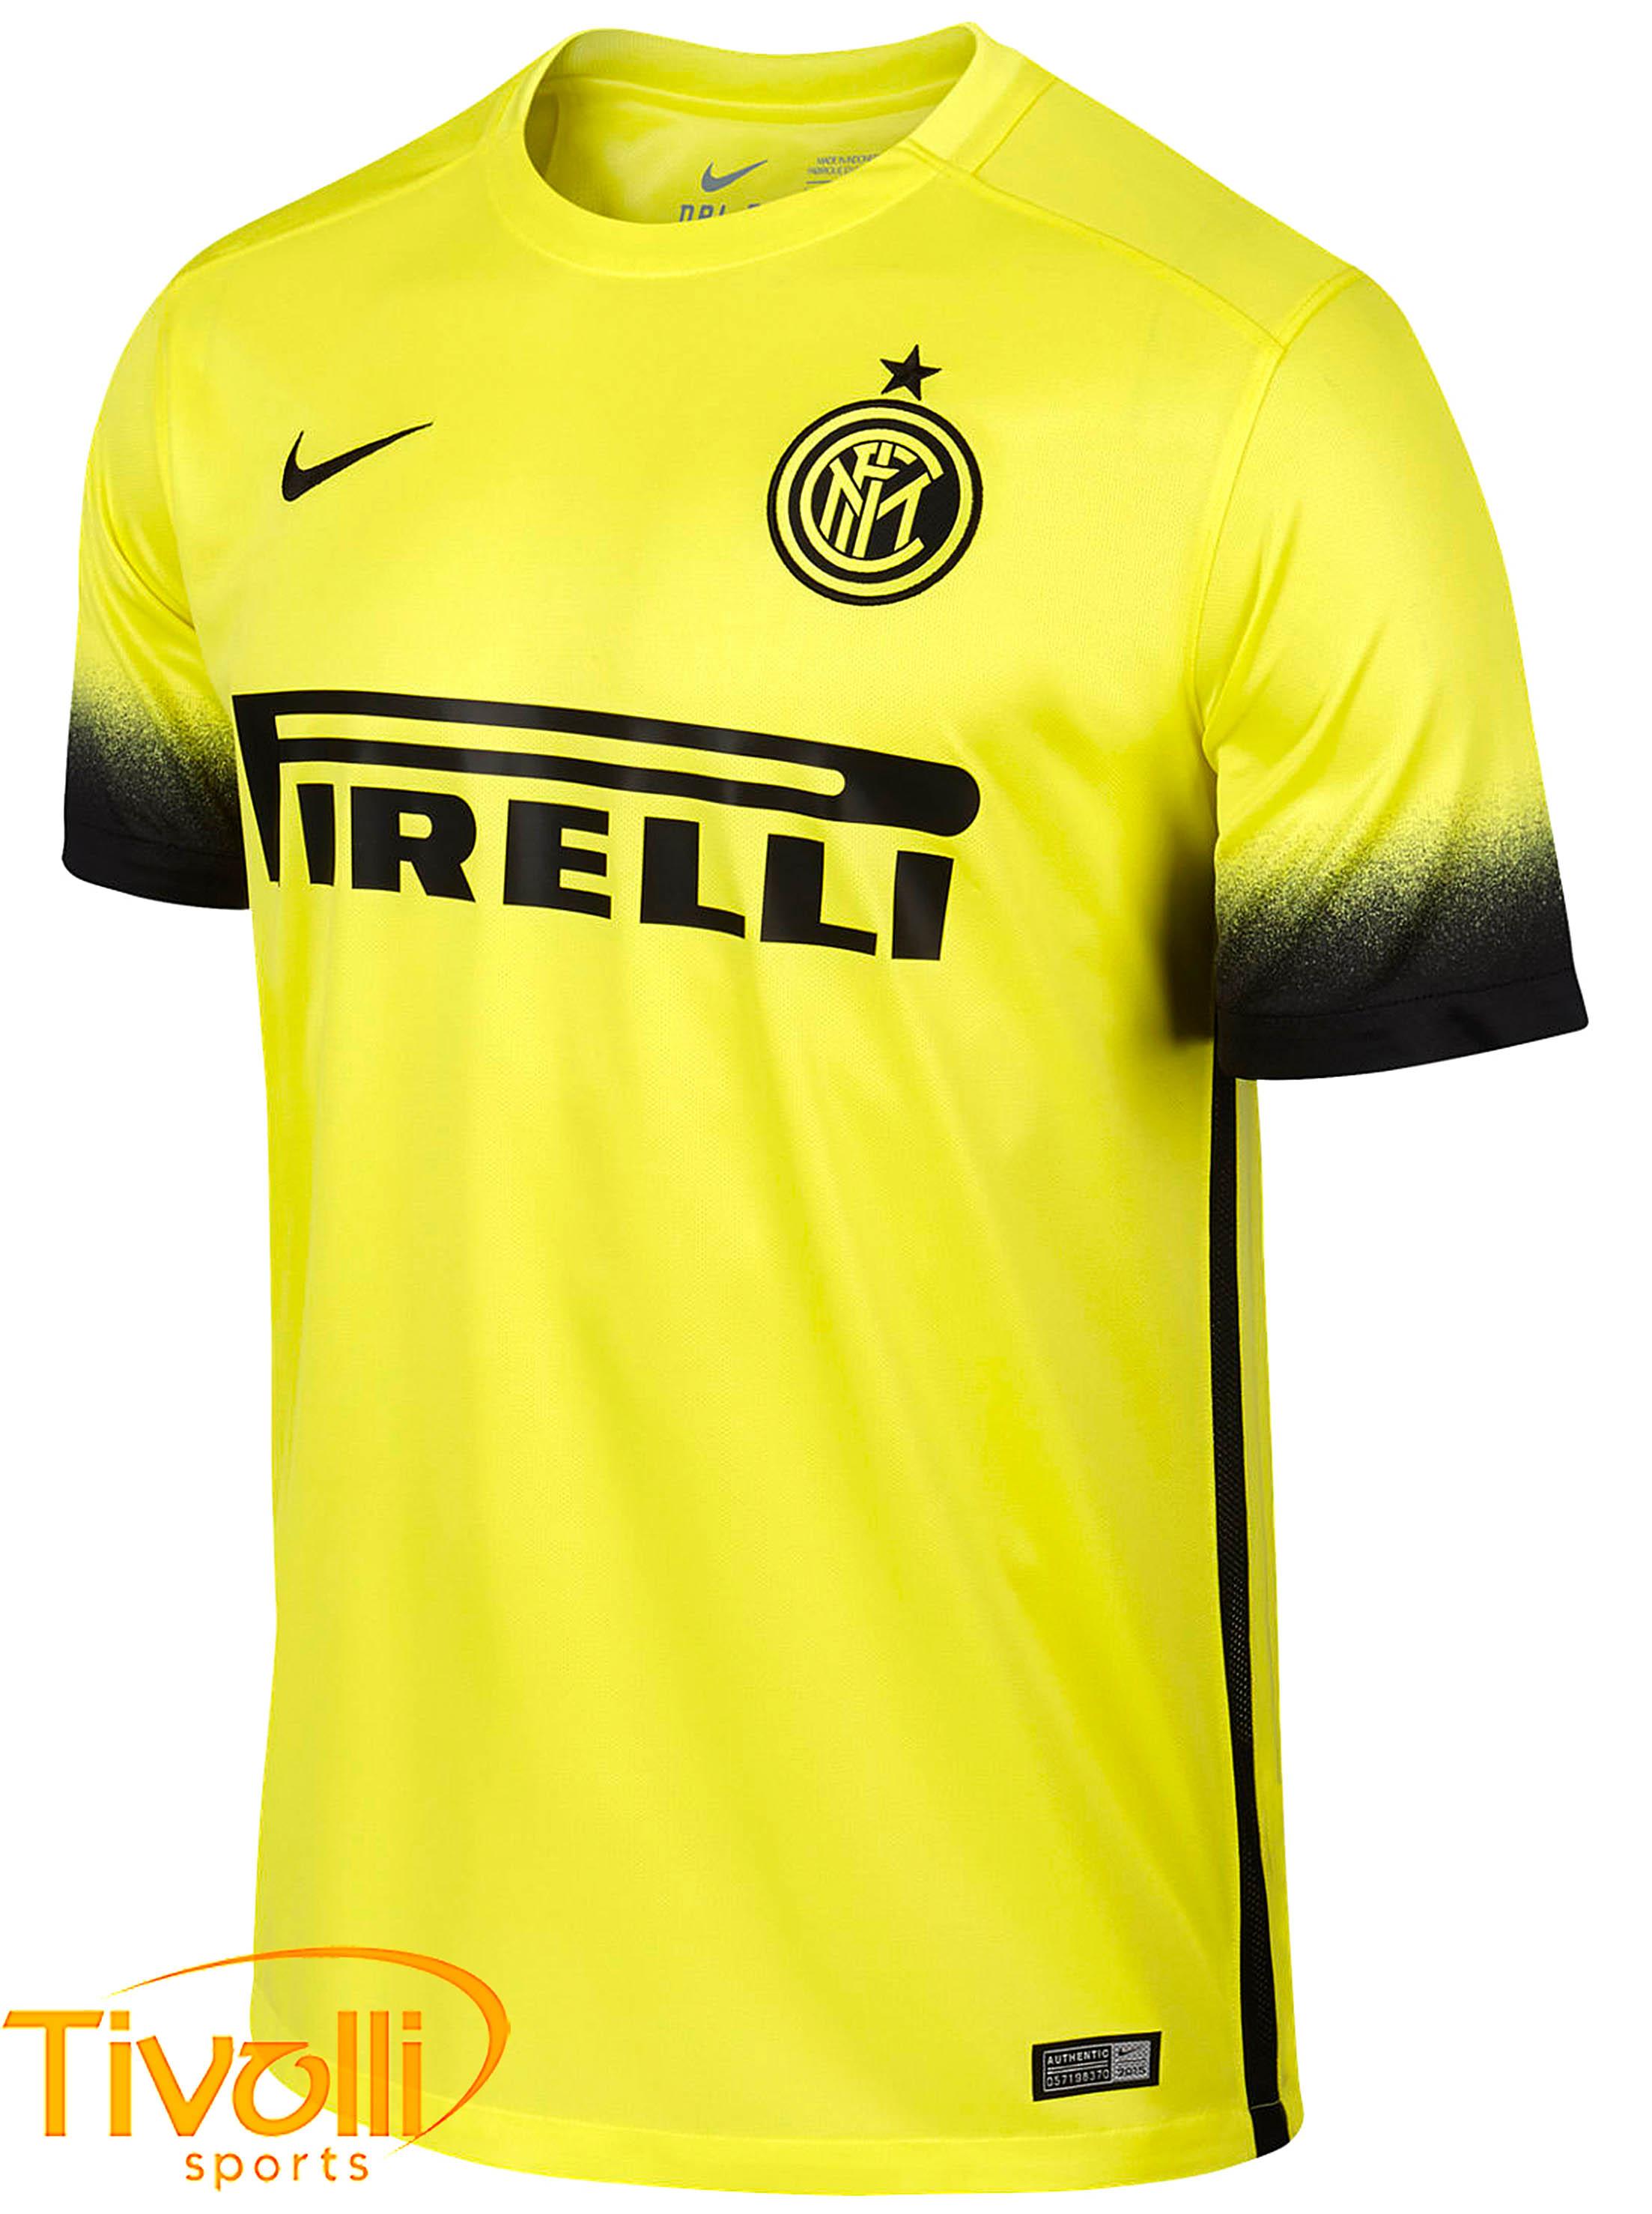 633dbeb0d9 Camisa Nike Inter de Milão uniforme III 2015 2016   - Mega Saldão